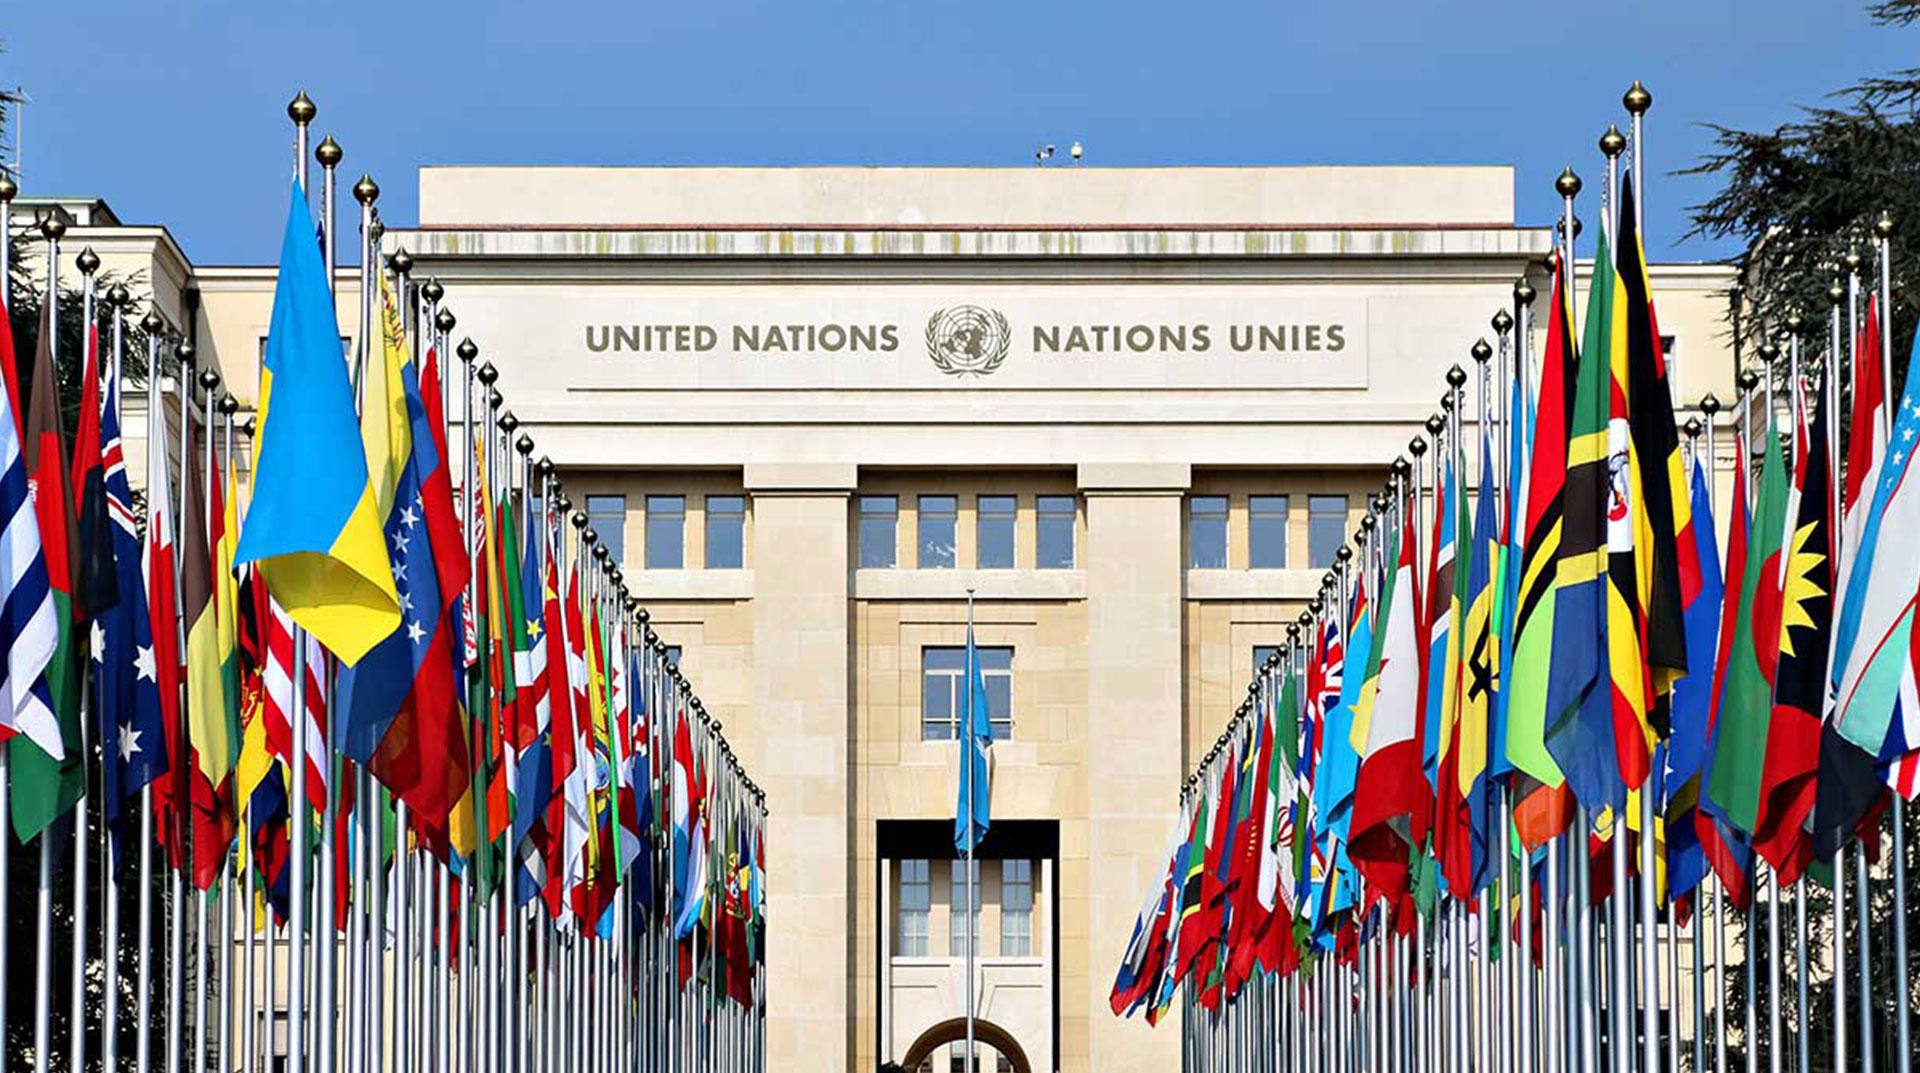 BM İnsan Hakları Konseyi 43. Oturum Askıya Alındı